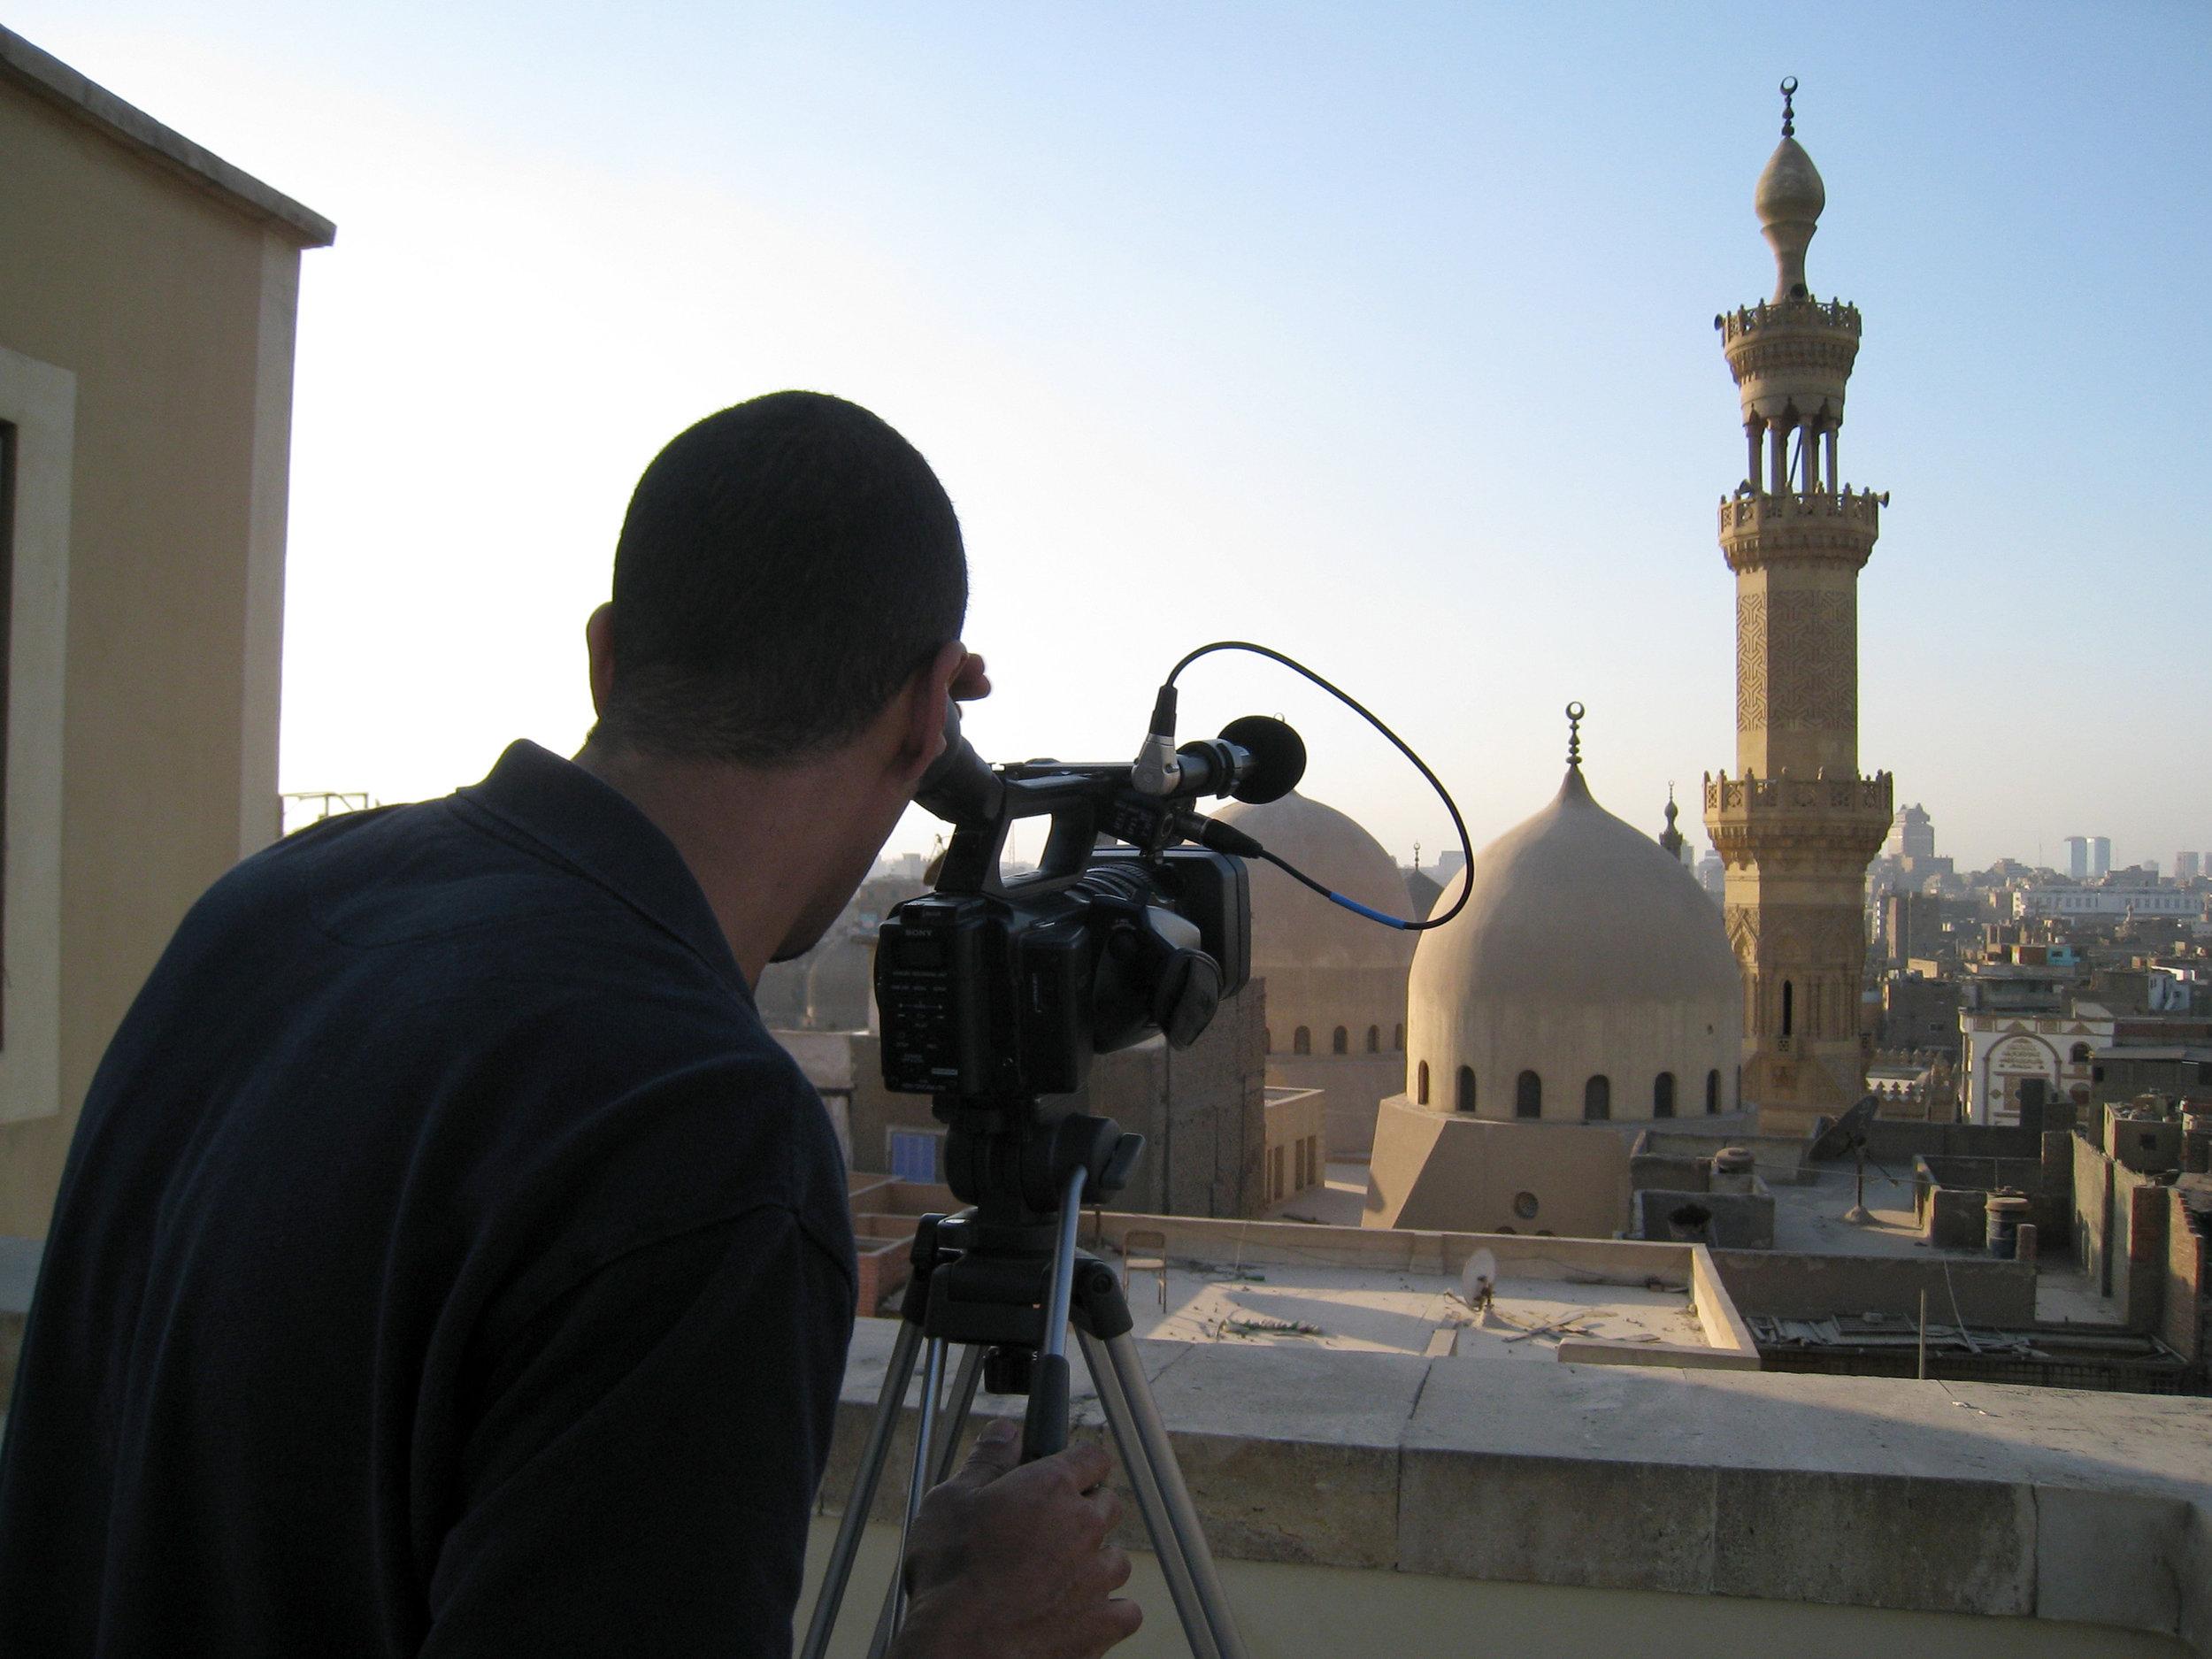 Elkatsha in Islamic Cairo